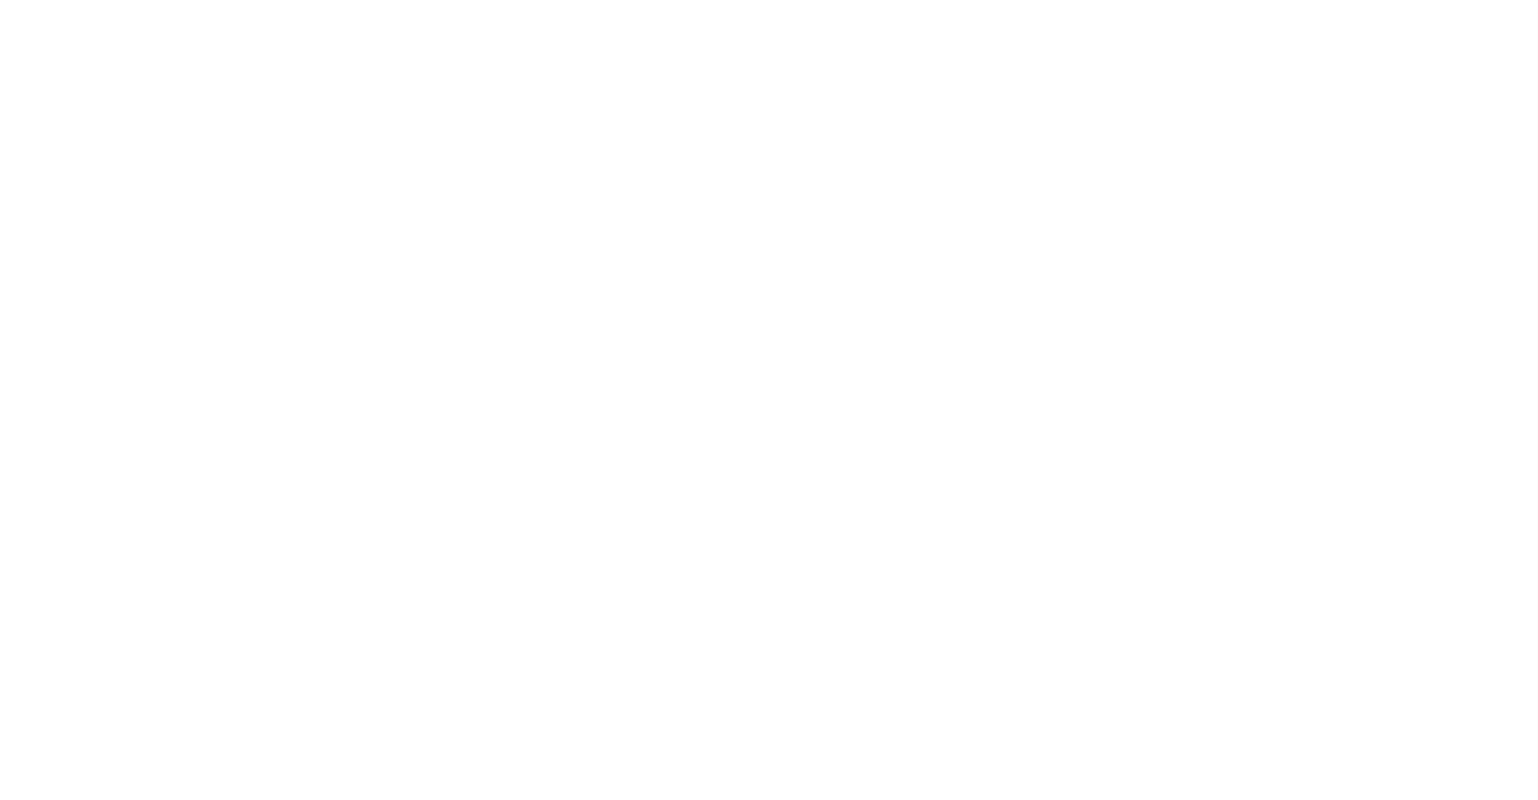 logo2banner4.png